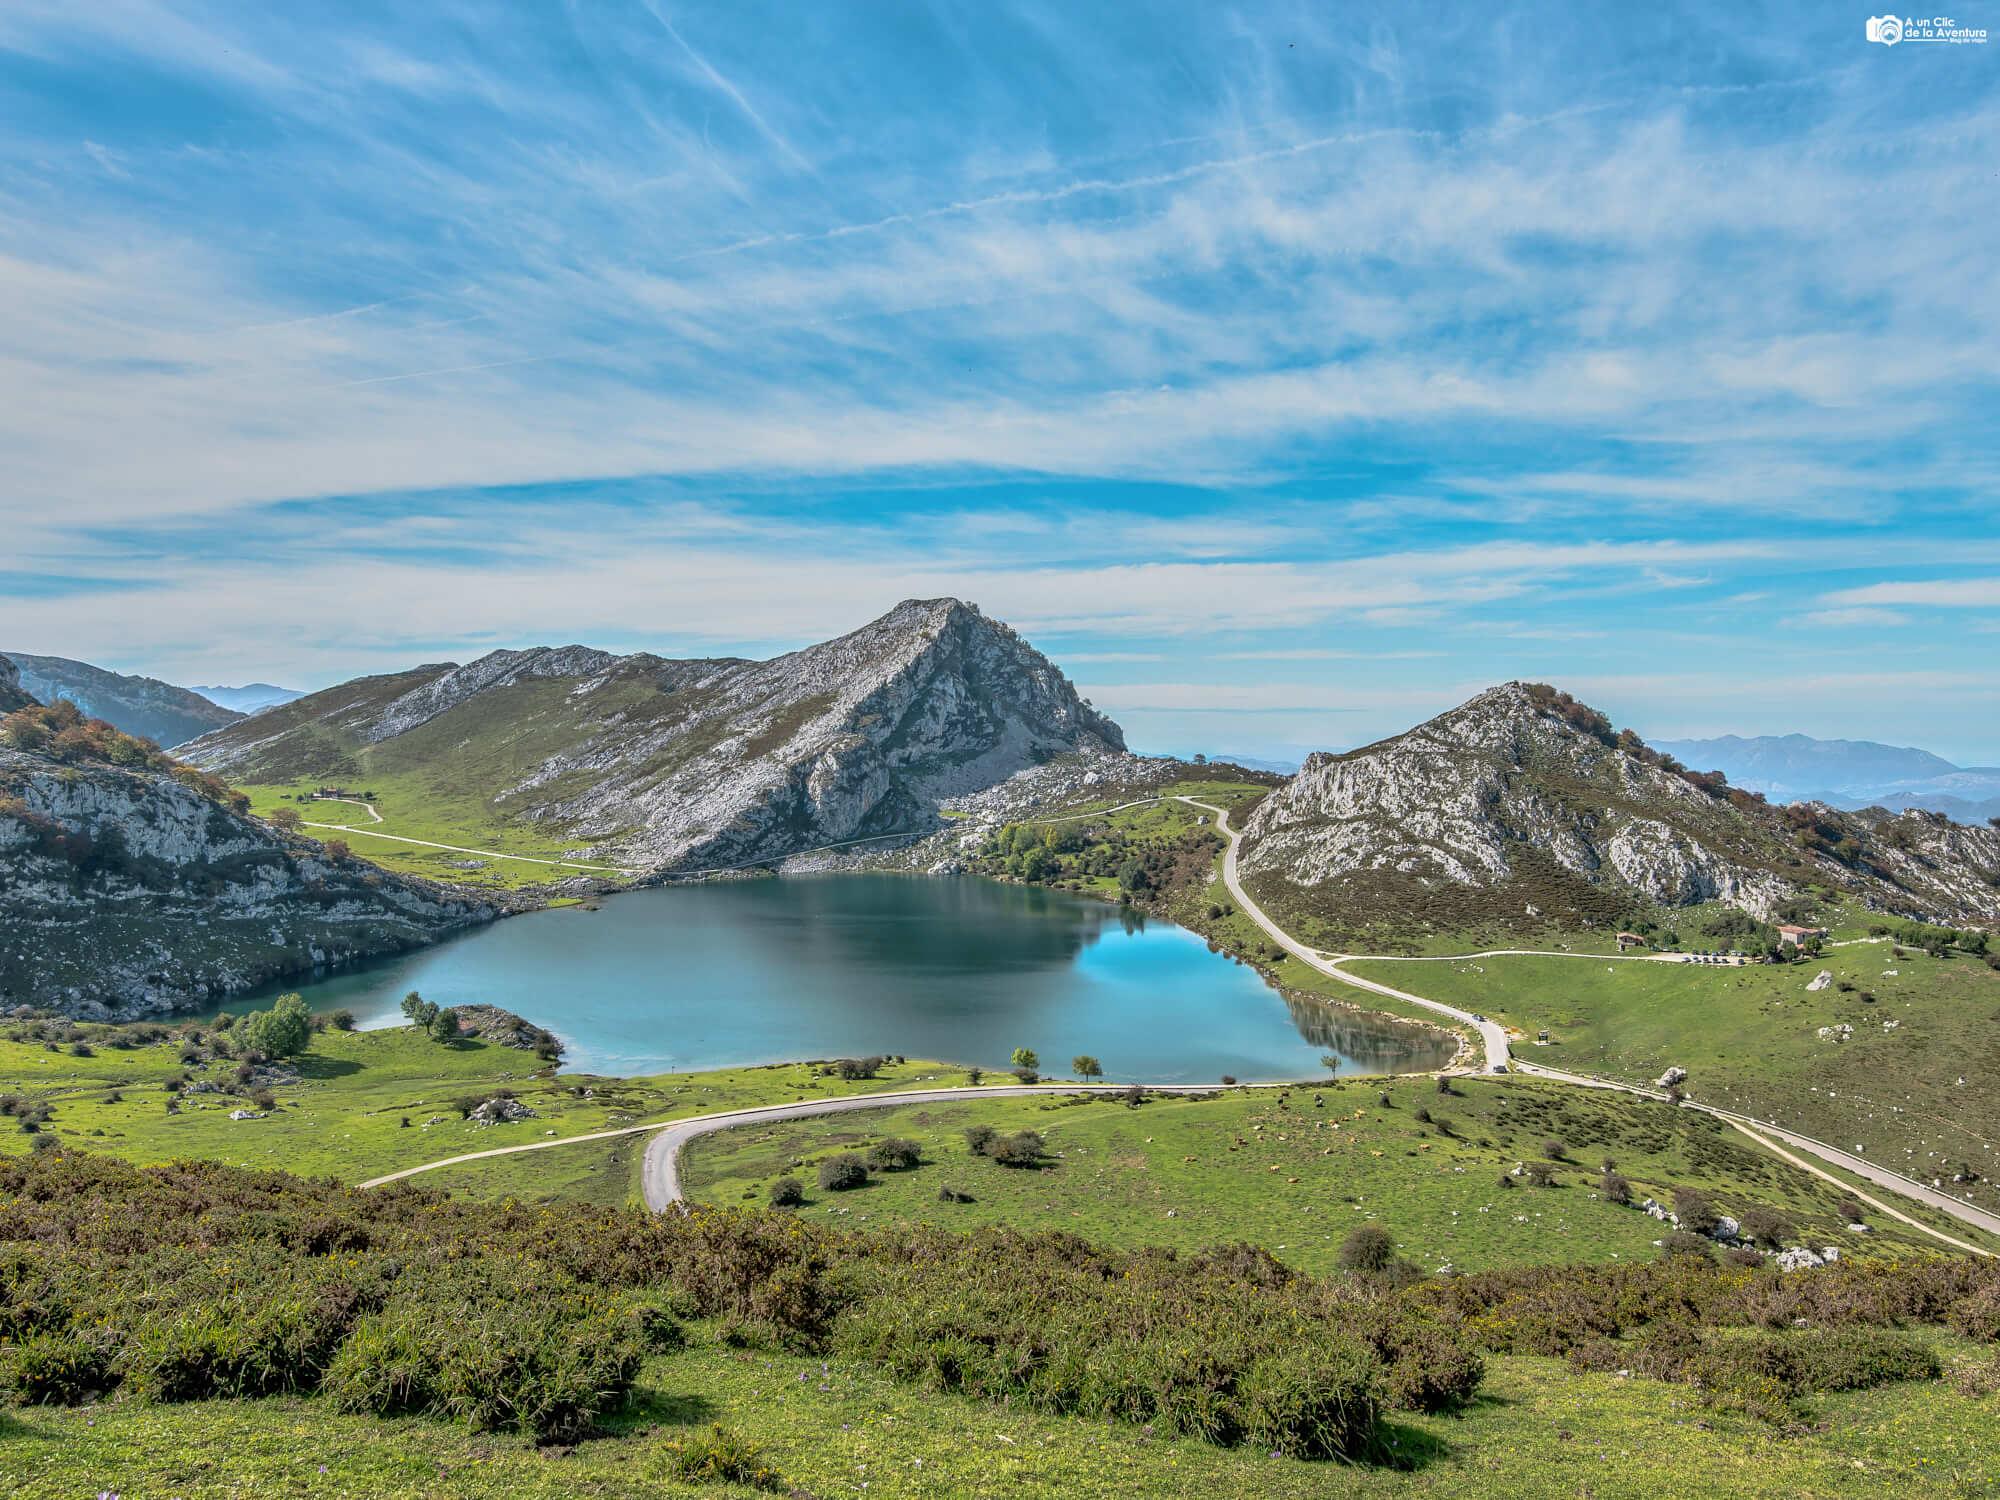 Ruta de los Lagos de Covadonga - Rutas por los Picos de Europa